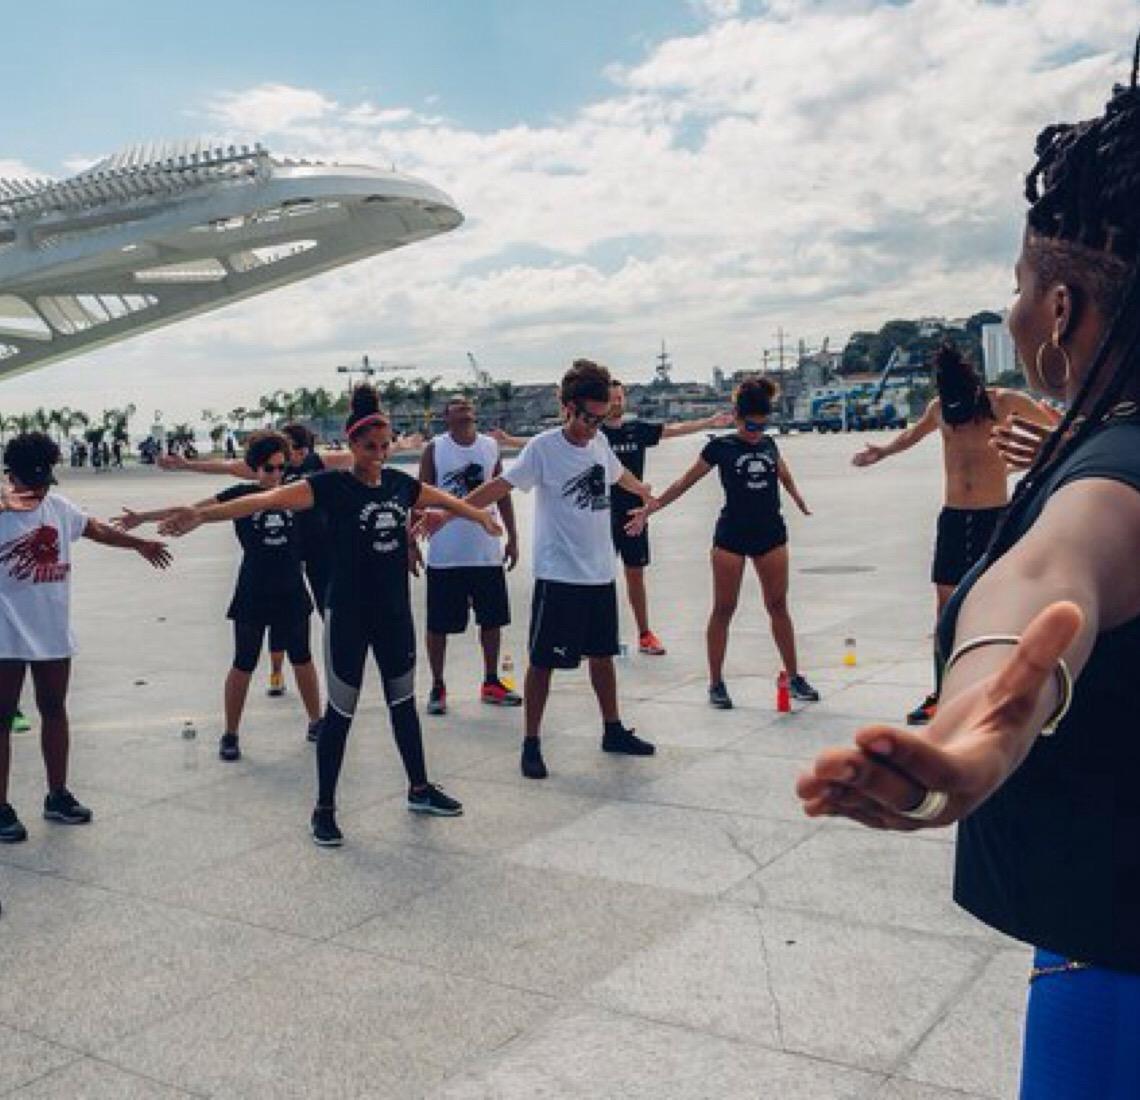 Gabb Cabo Verde. Coreógrafa ensina sobre autocuidado através da dança